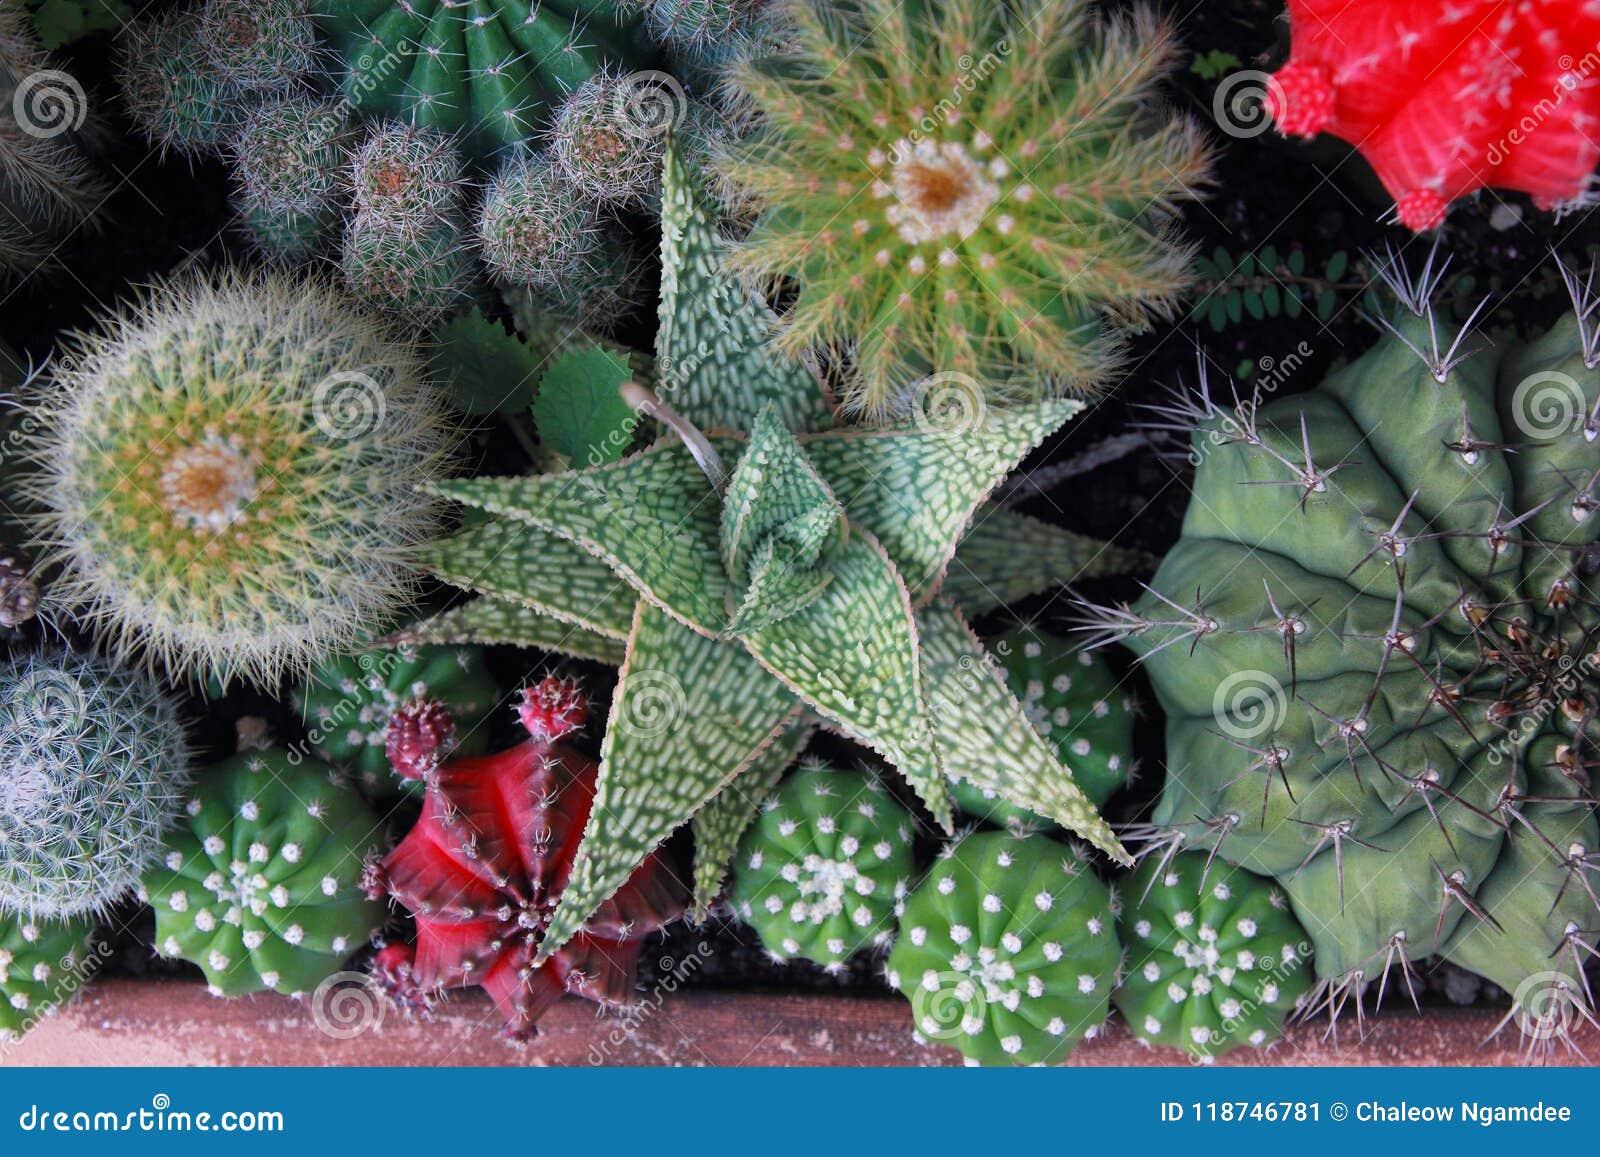 Сад кактуса взгляд сверху, разбивочный фокус